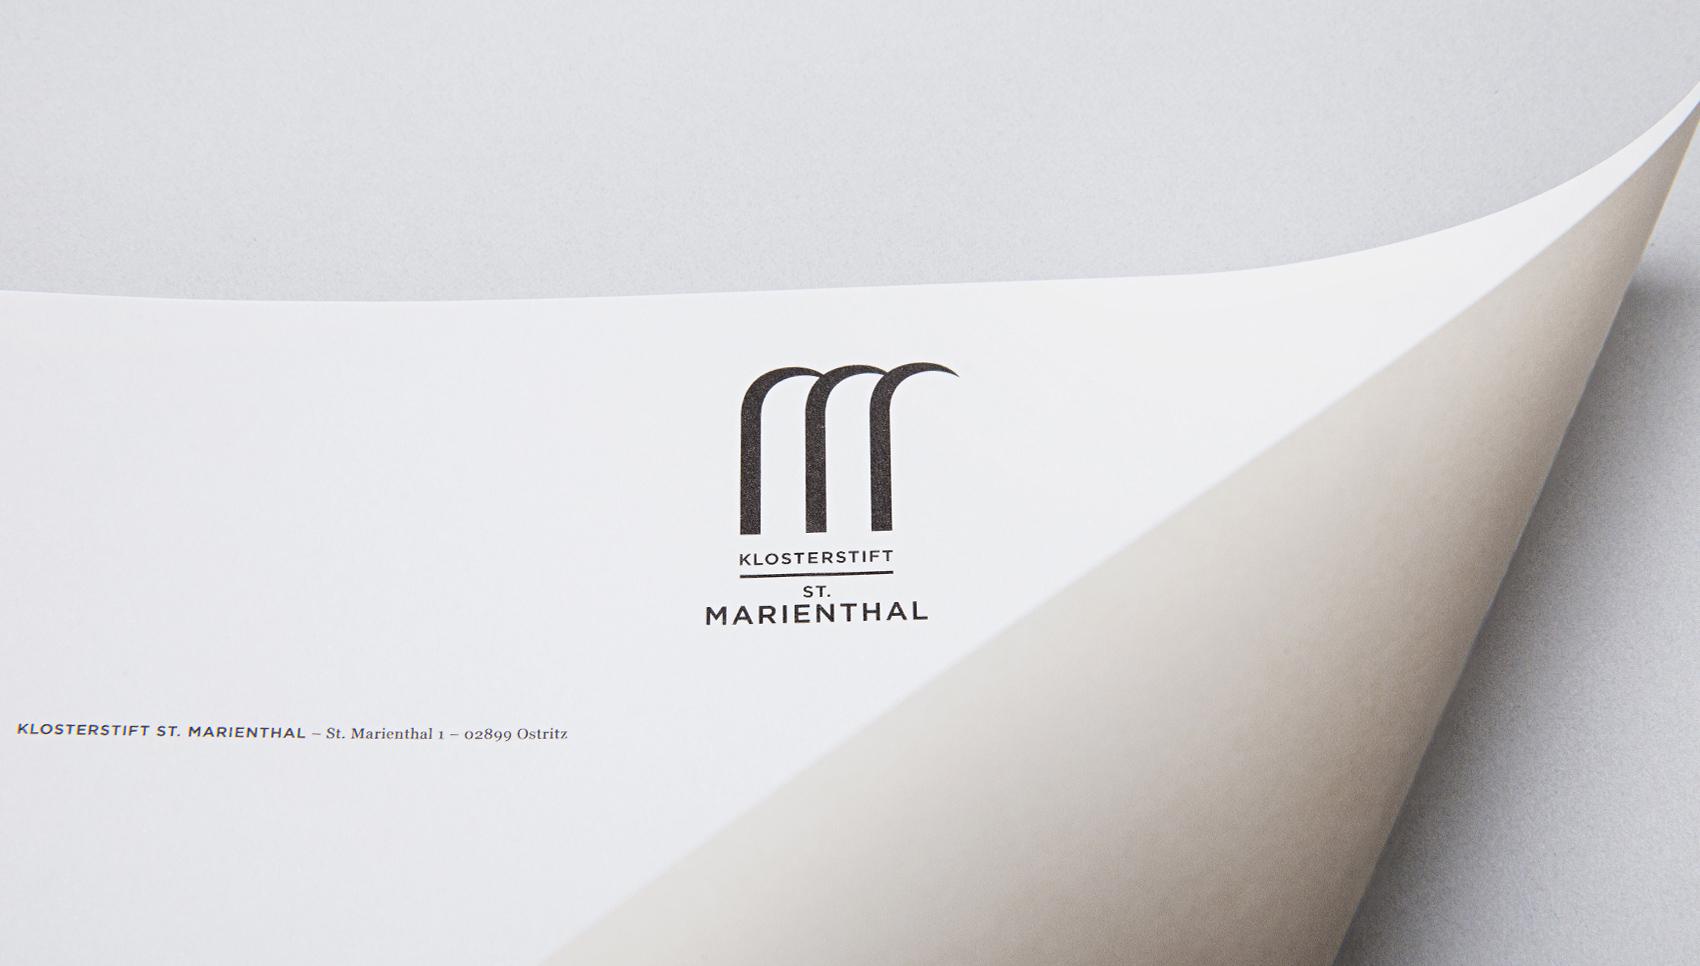 klosterstift st. marienthal erscheinungsbild corporate design